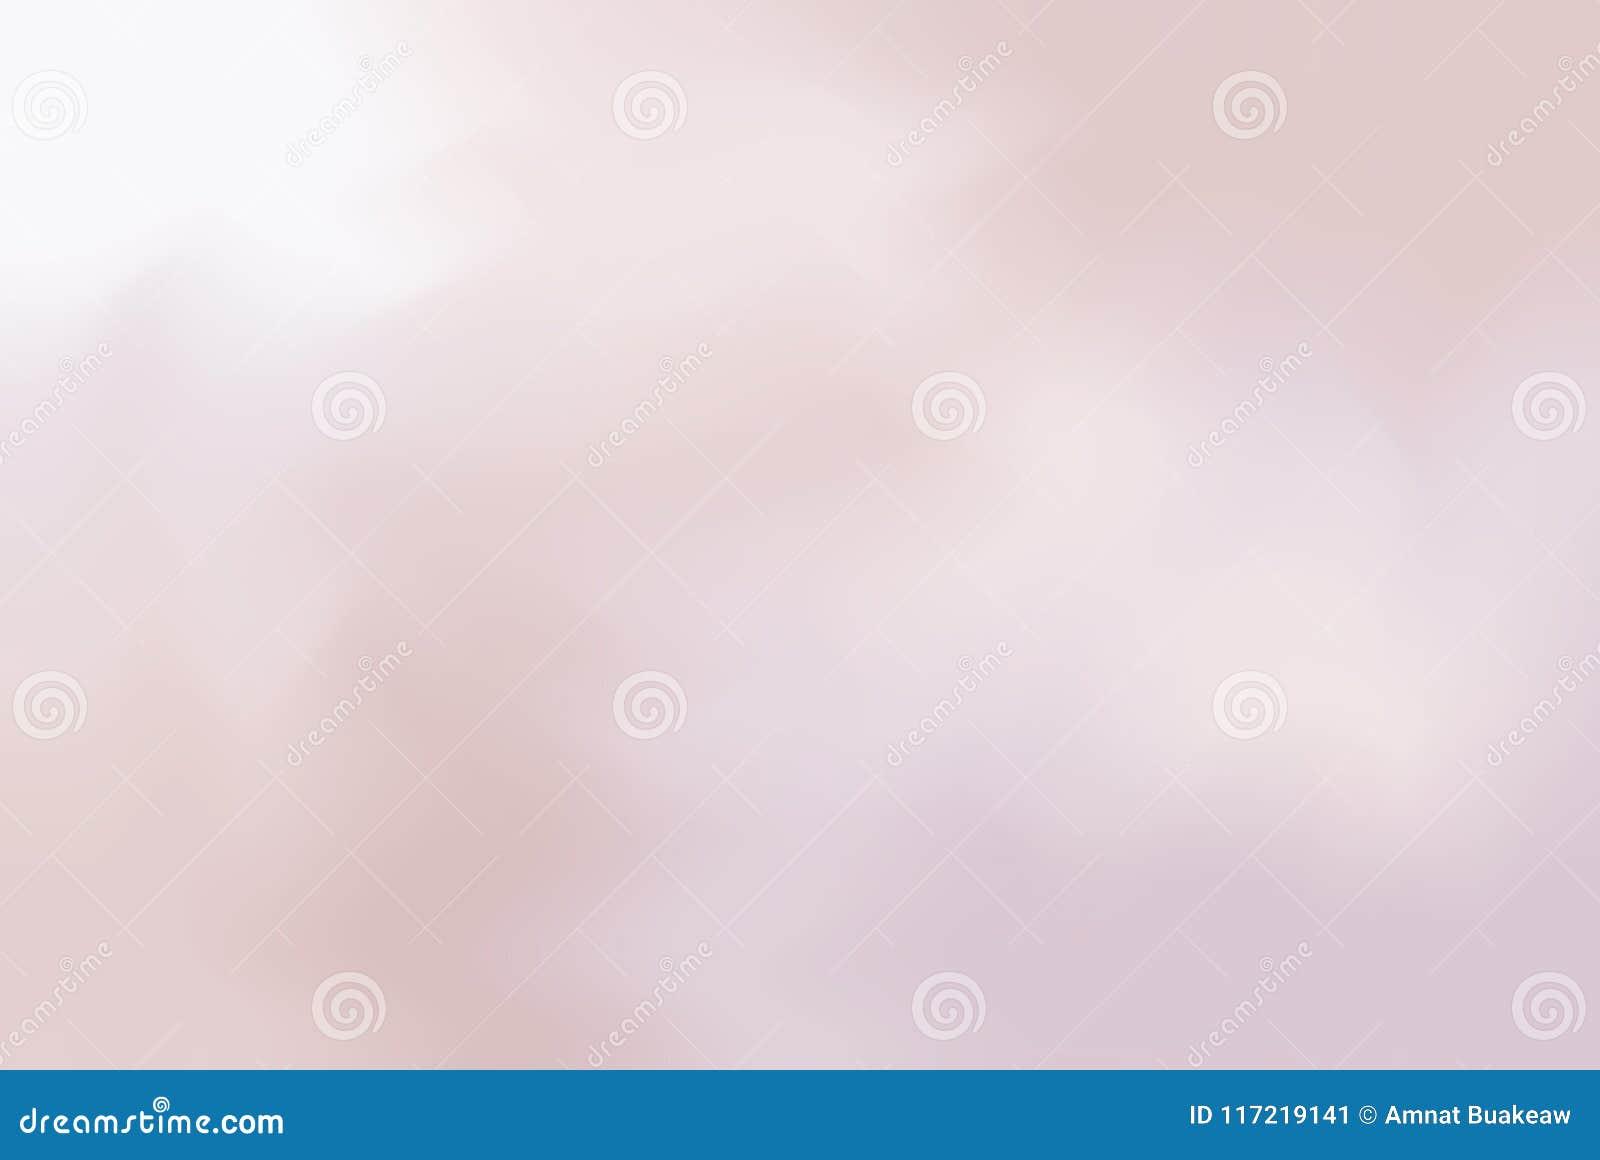 För bakgrundsmålning för mjuk färg blandat abstrakt begrepp för pastell för konst, färgrik konsttapet